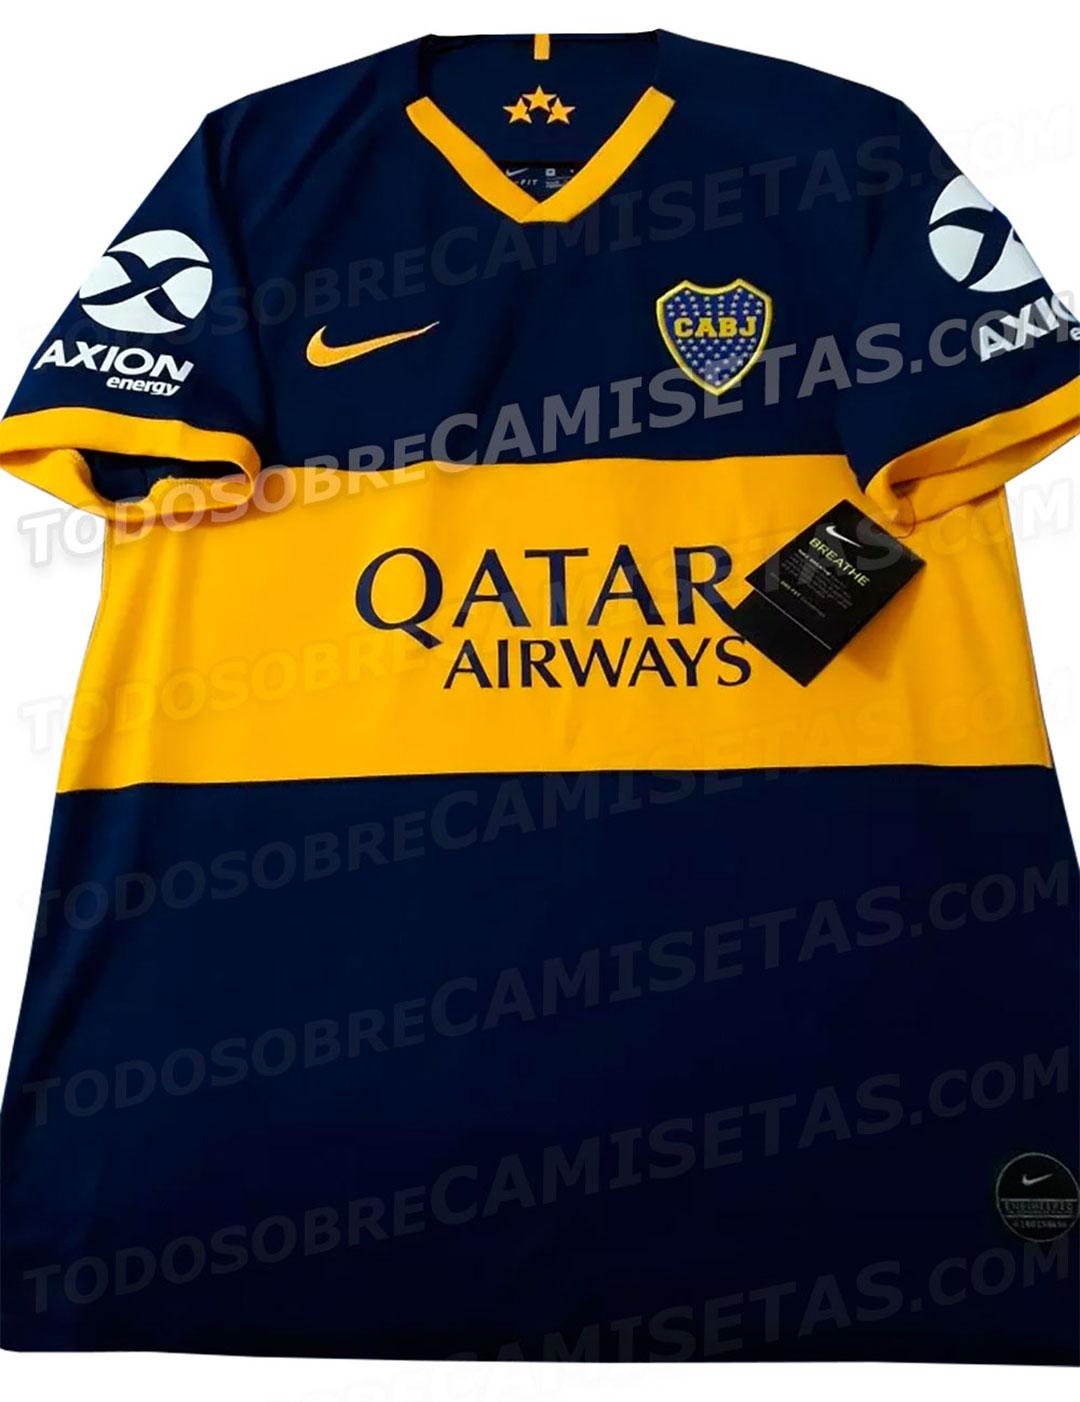 En la próxima temporada, Boca volvería a usar el azul oscuro y la franja amarilla ancha en su camiseta